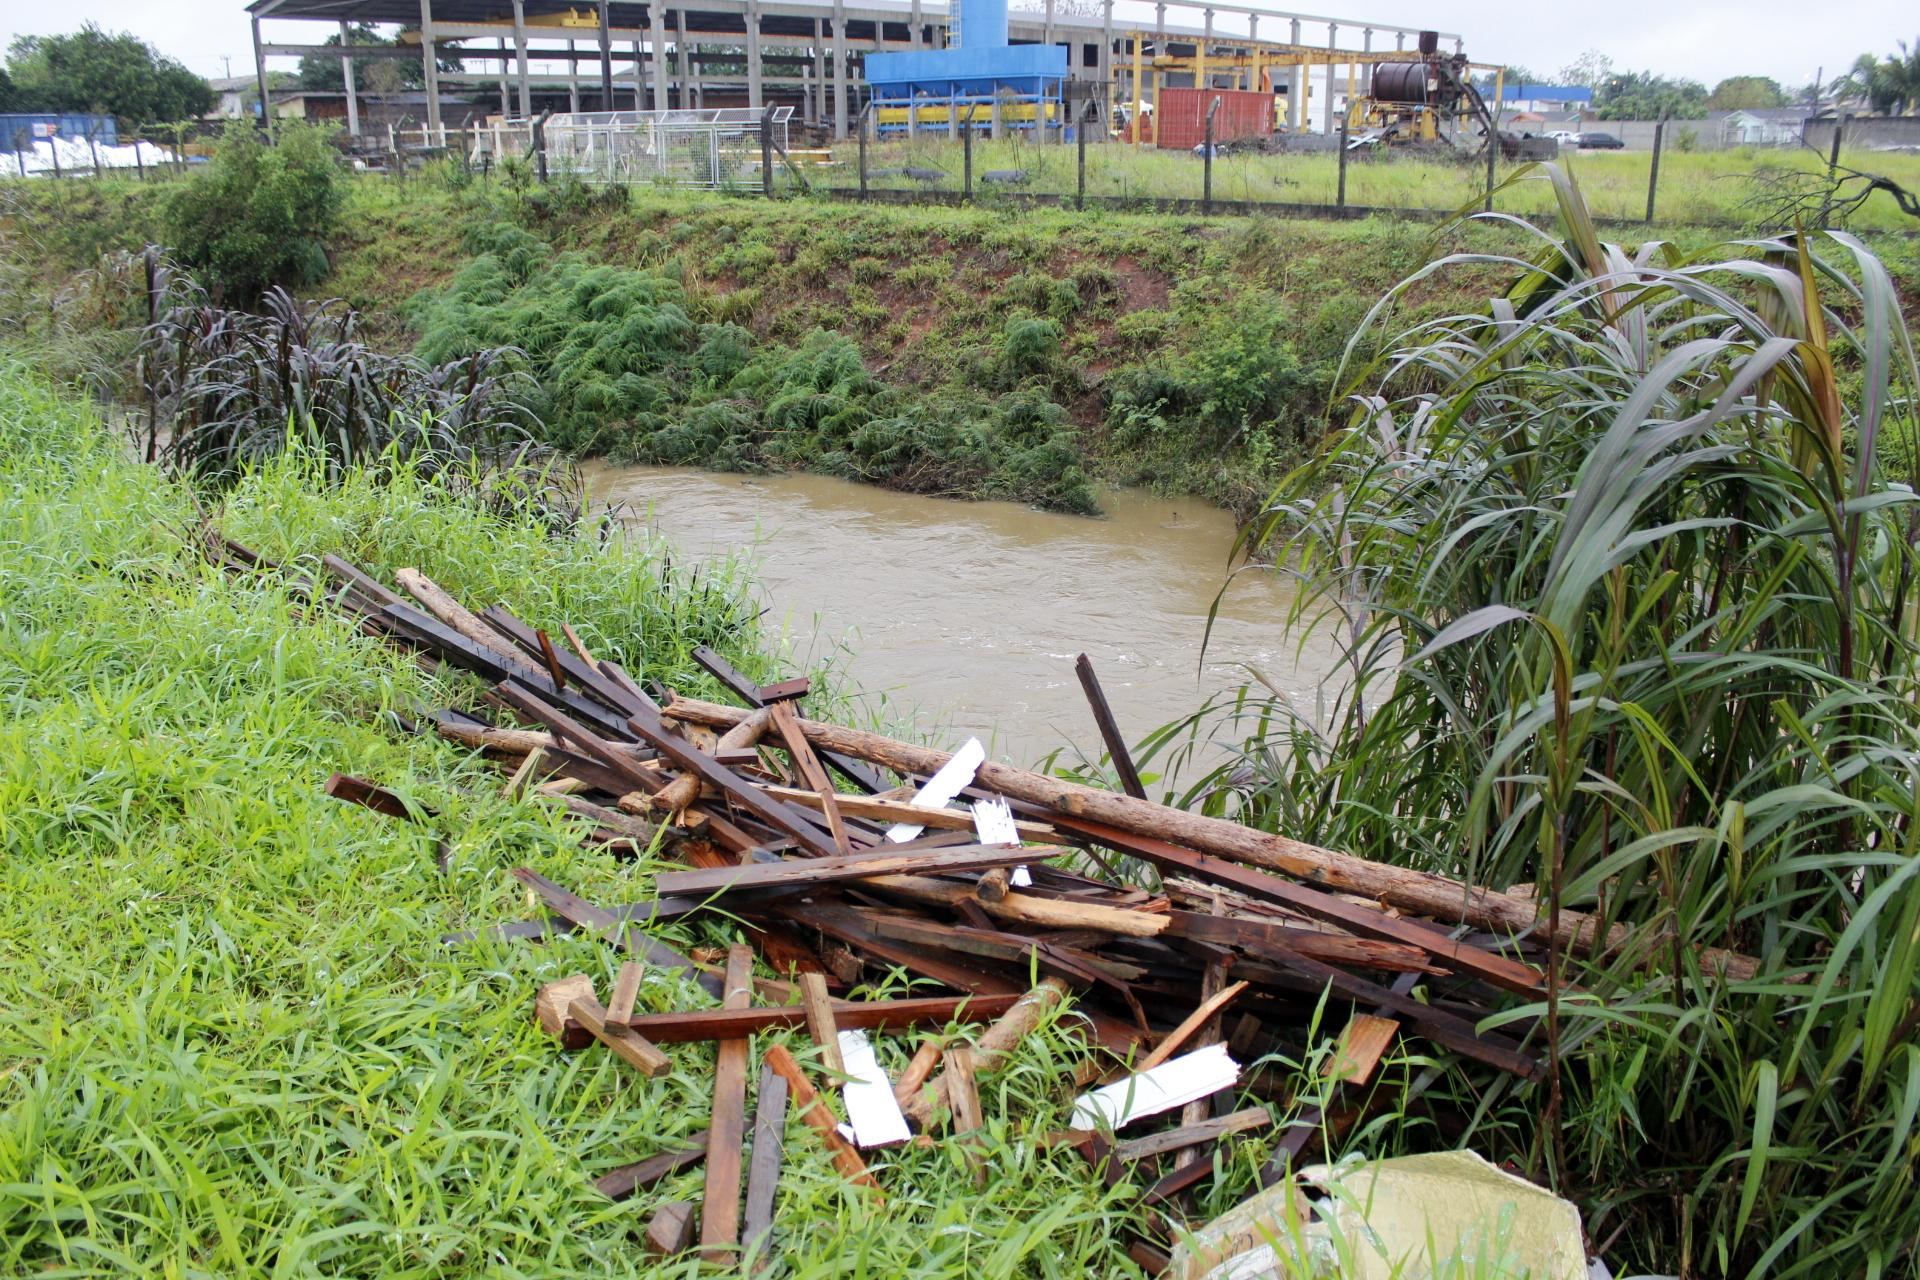 Prefeitura_monitora_nivel_de_rios_em_Criciuma_Foto_de_Jhulian_Pereira_4.JPG